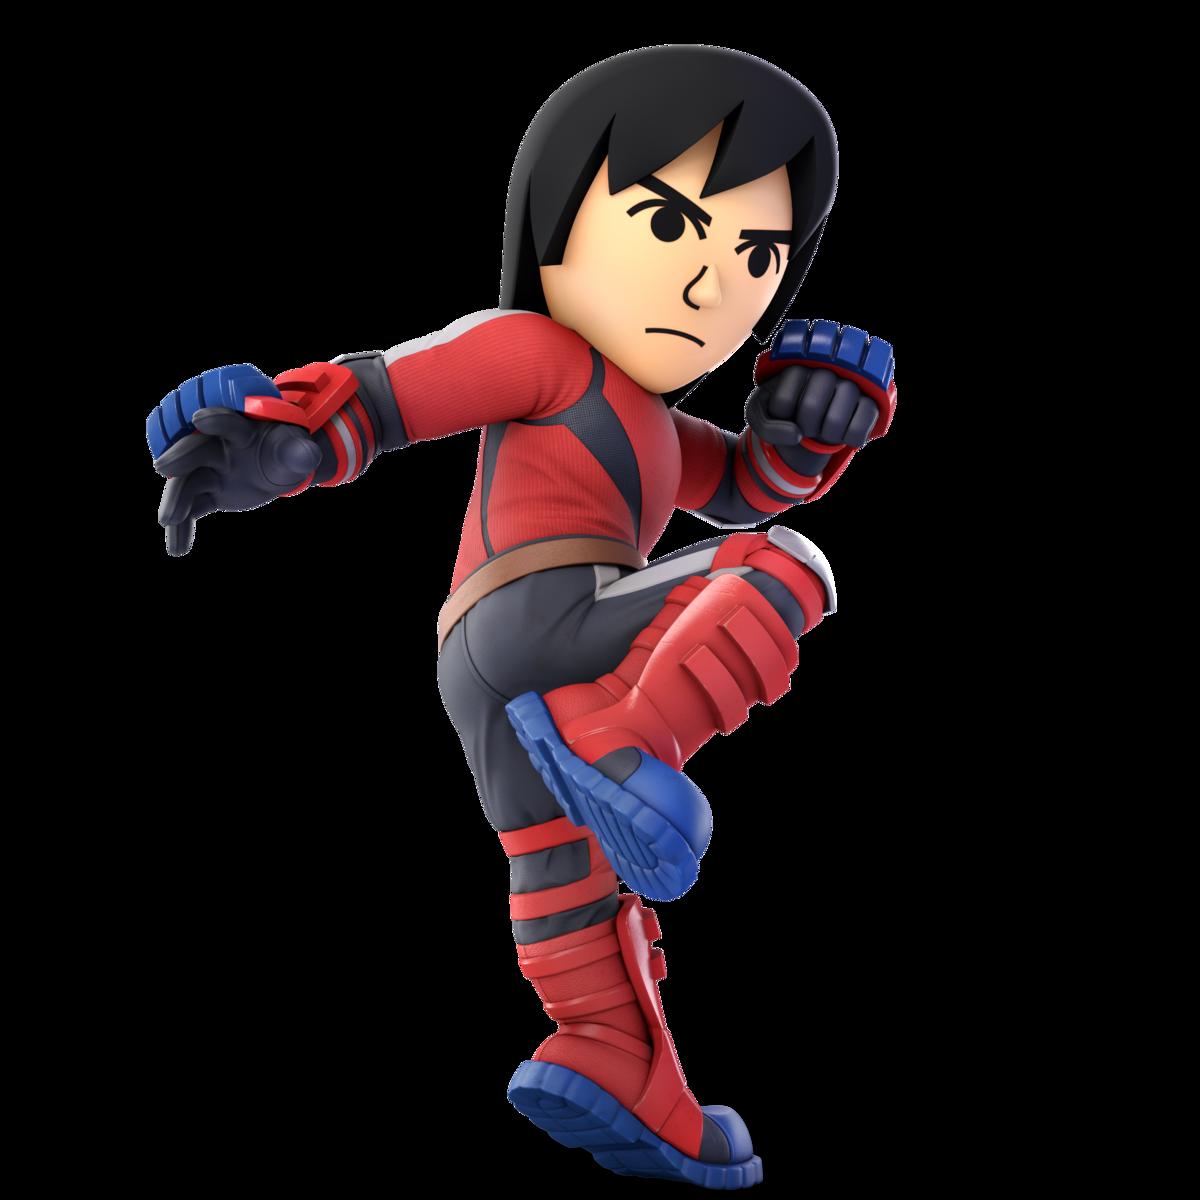 Mii Brawler (SSBU) - SmashWiki, the Super Smash Bros  wiki